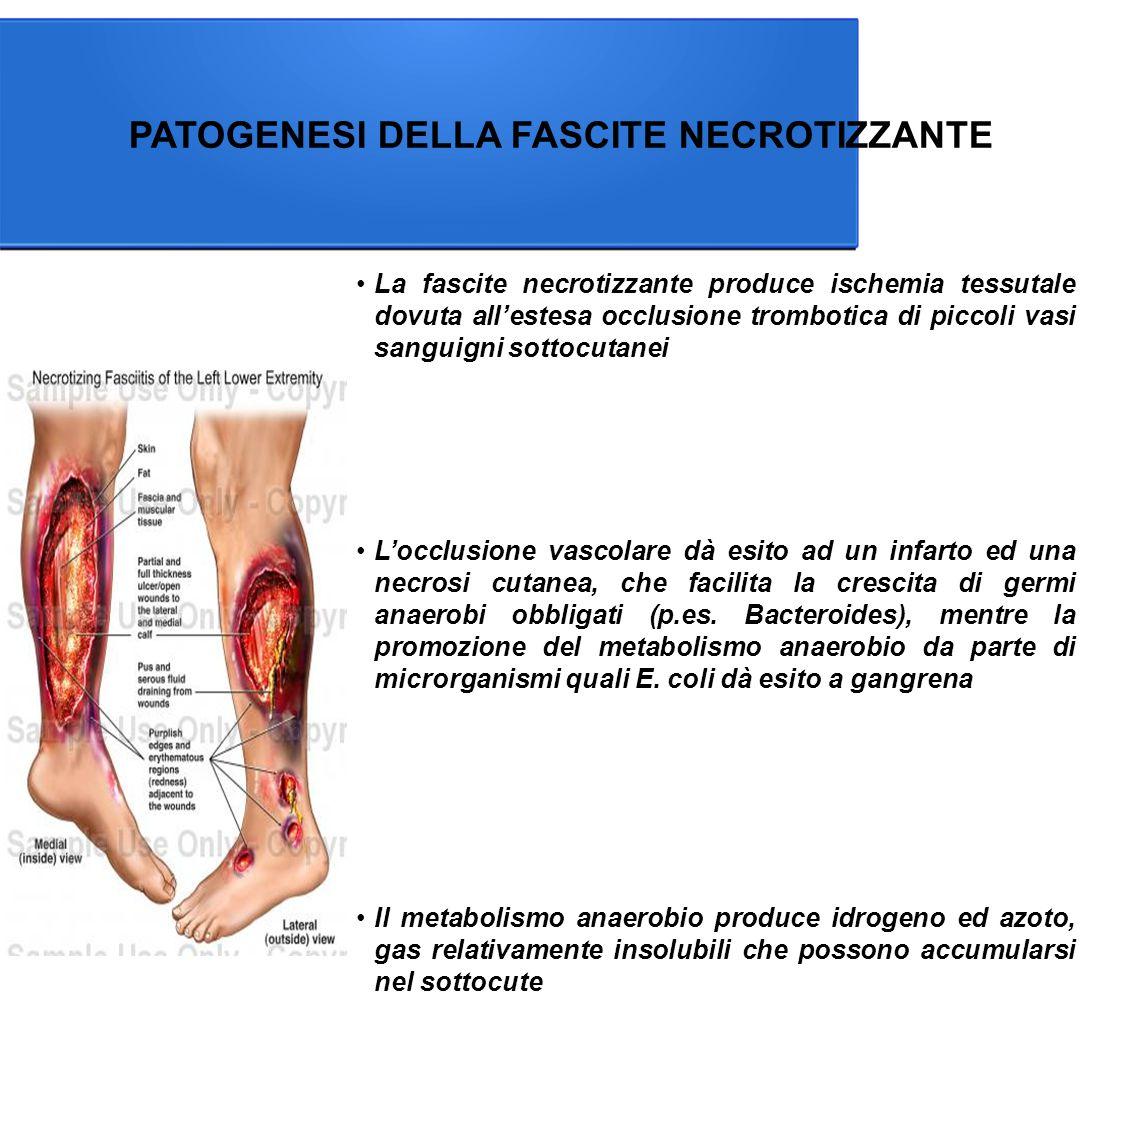 PATOGENESI DELLA FASCITE NECROTIZZANTE La fascite necrotizzante produce ischemia tessutale dovuta all'estesa occlusione trombotica di piccoli vasi sanguigni sottocutanei Il metabolismo anaerobio produce idrogeno ed azoto, gas relativamente insolubili che possono accumularsi nel sottocute L'occlusione vascolare dà esito ad un infarto ed una necrosi cutanea, che facilita la crescita di germi anaerobi obbligati (p.es.